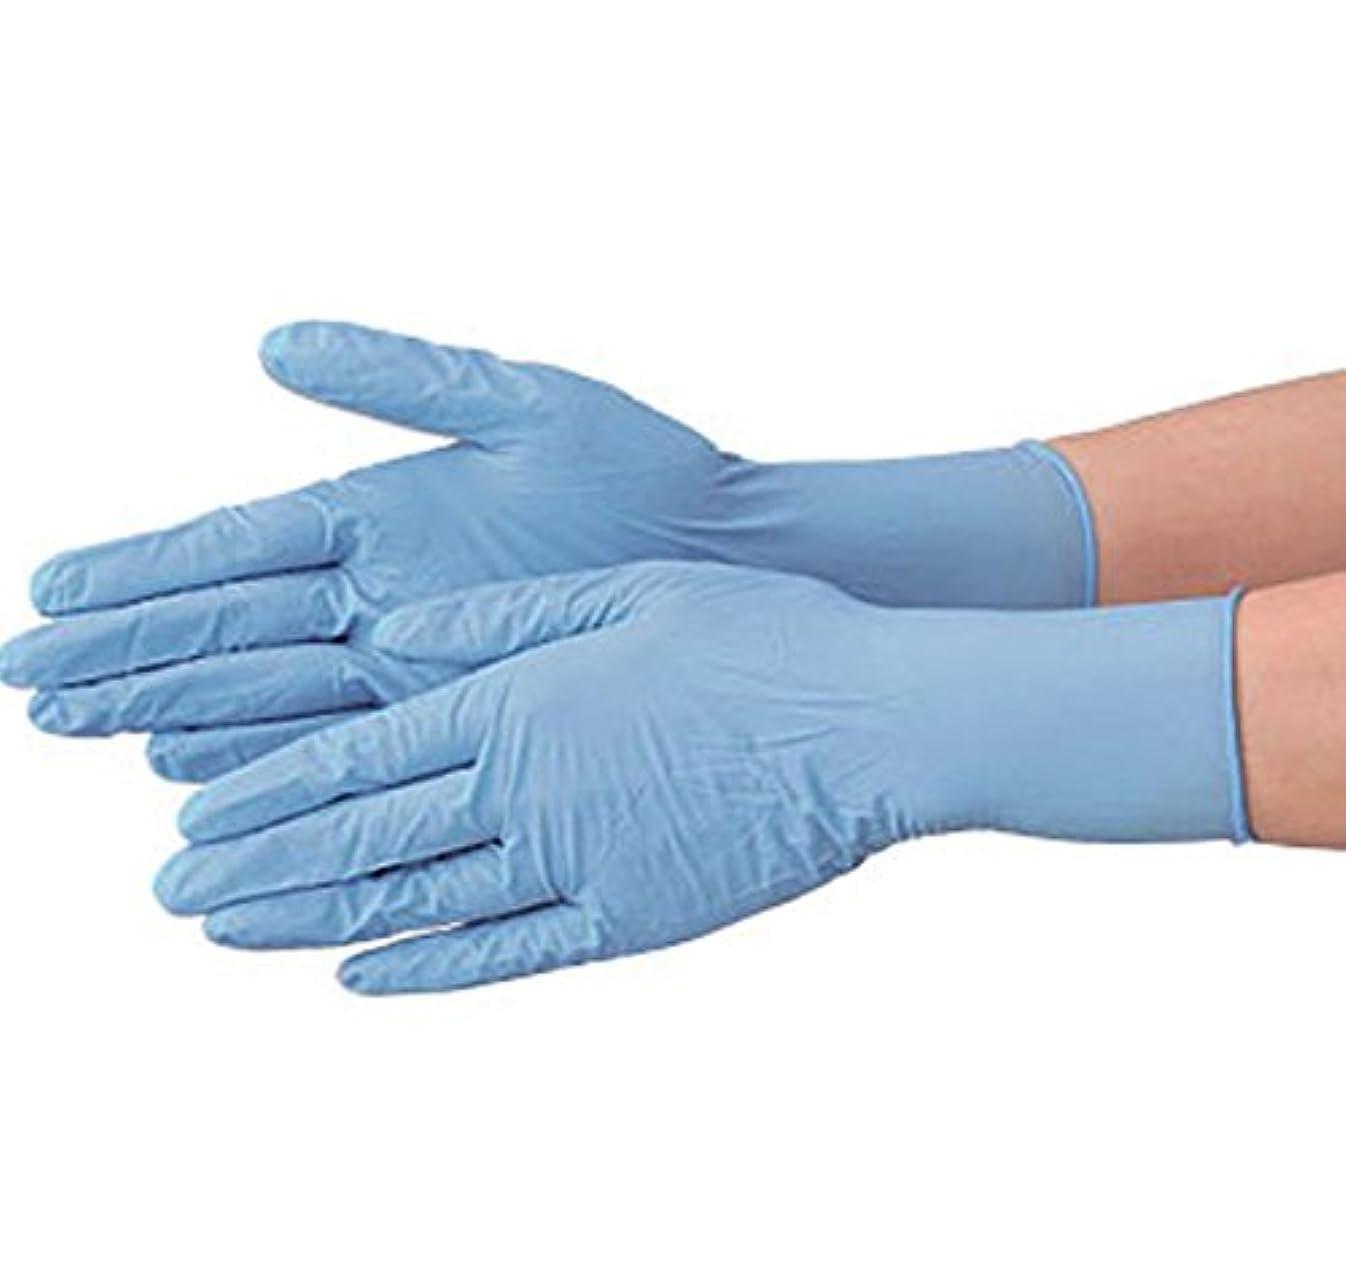 合法確実フライカイト使い捨て 手袋 エブノ 573 ニトリルNEOプラス ブルー Sサイズ パウダー付き 2ケース(100枚×40箱)